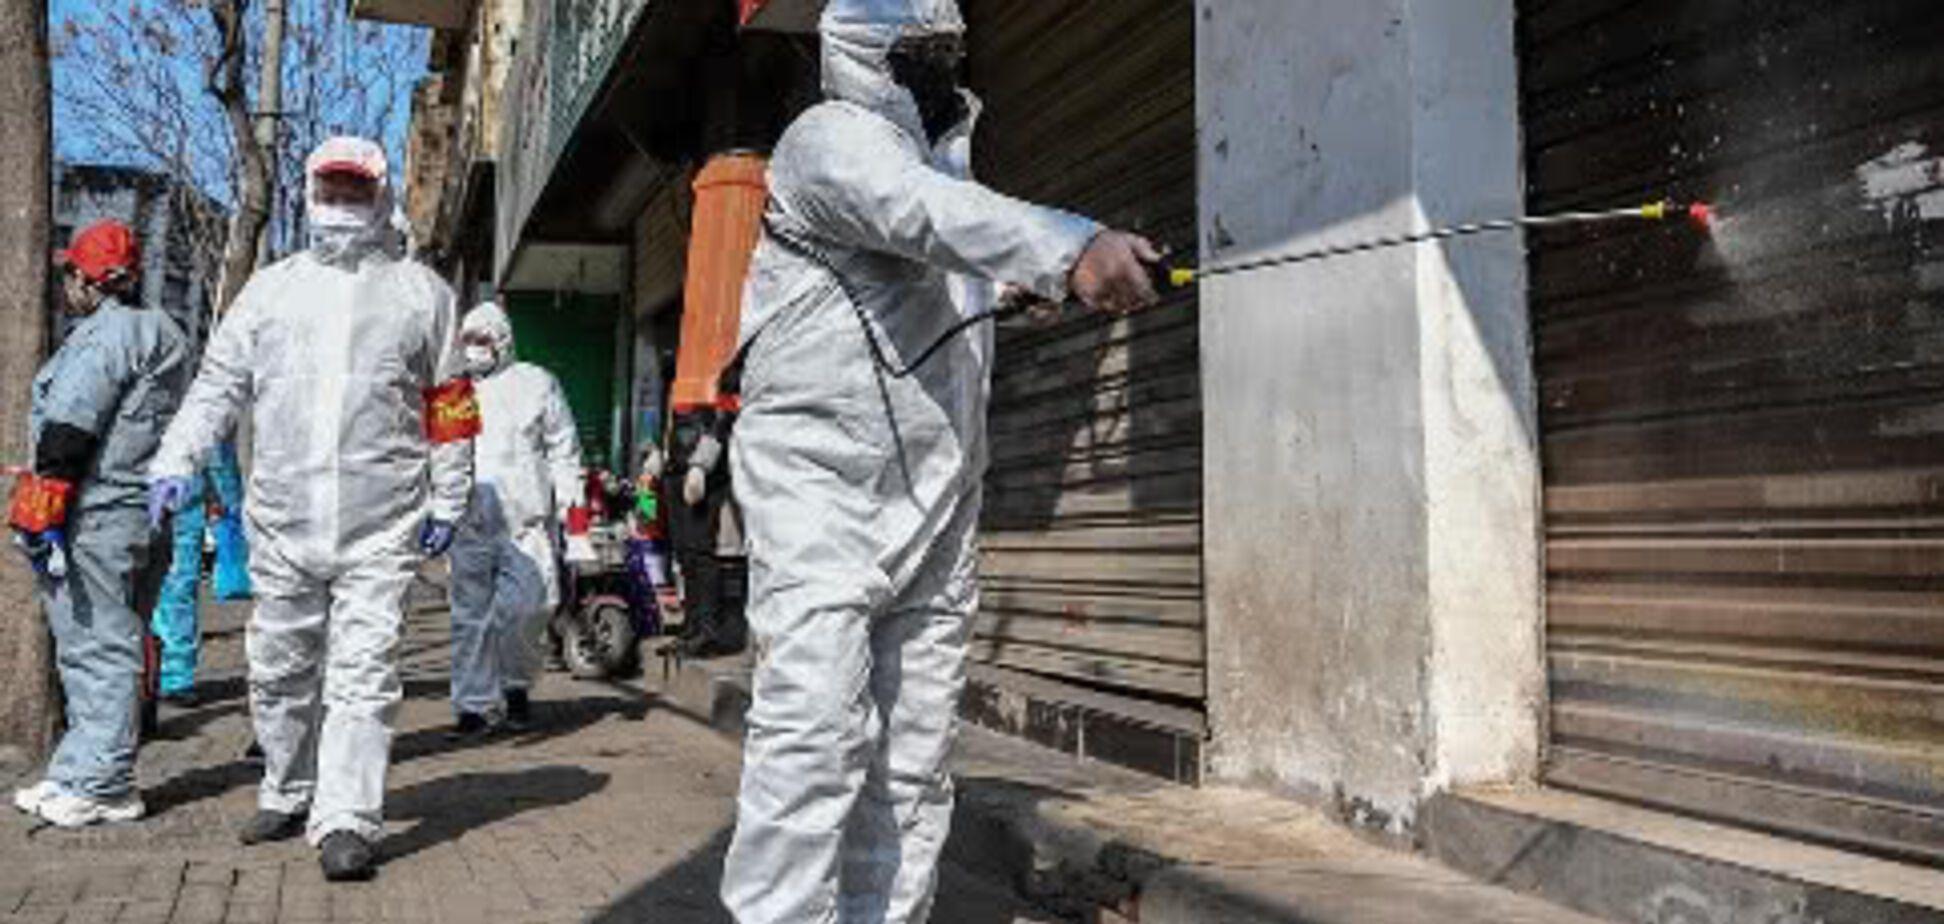 Коронавірус скоро зникне: з'явився несподіваний прогноз